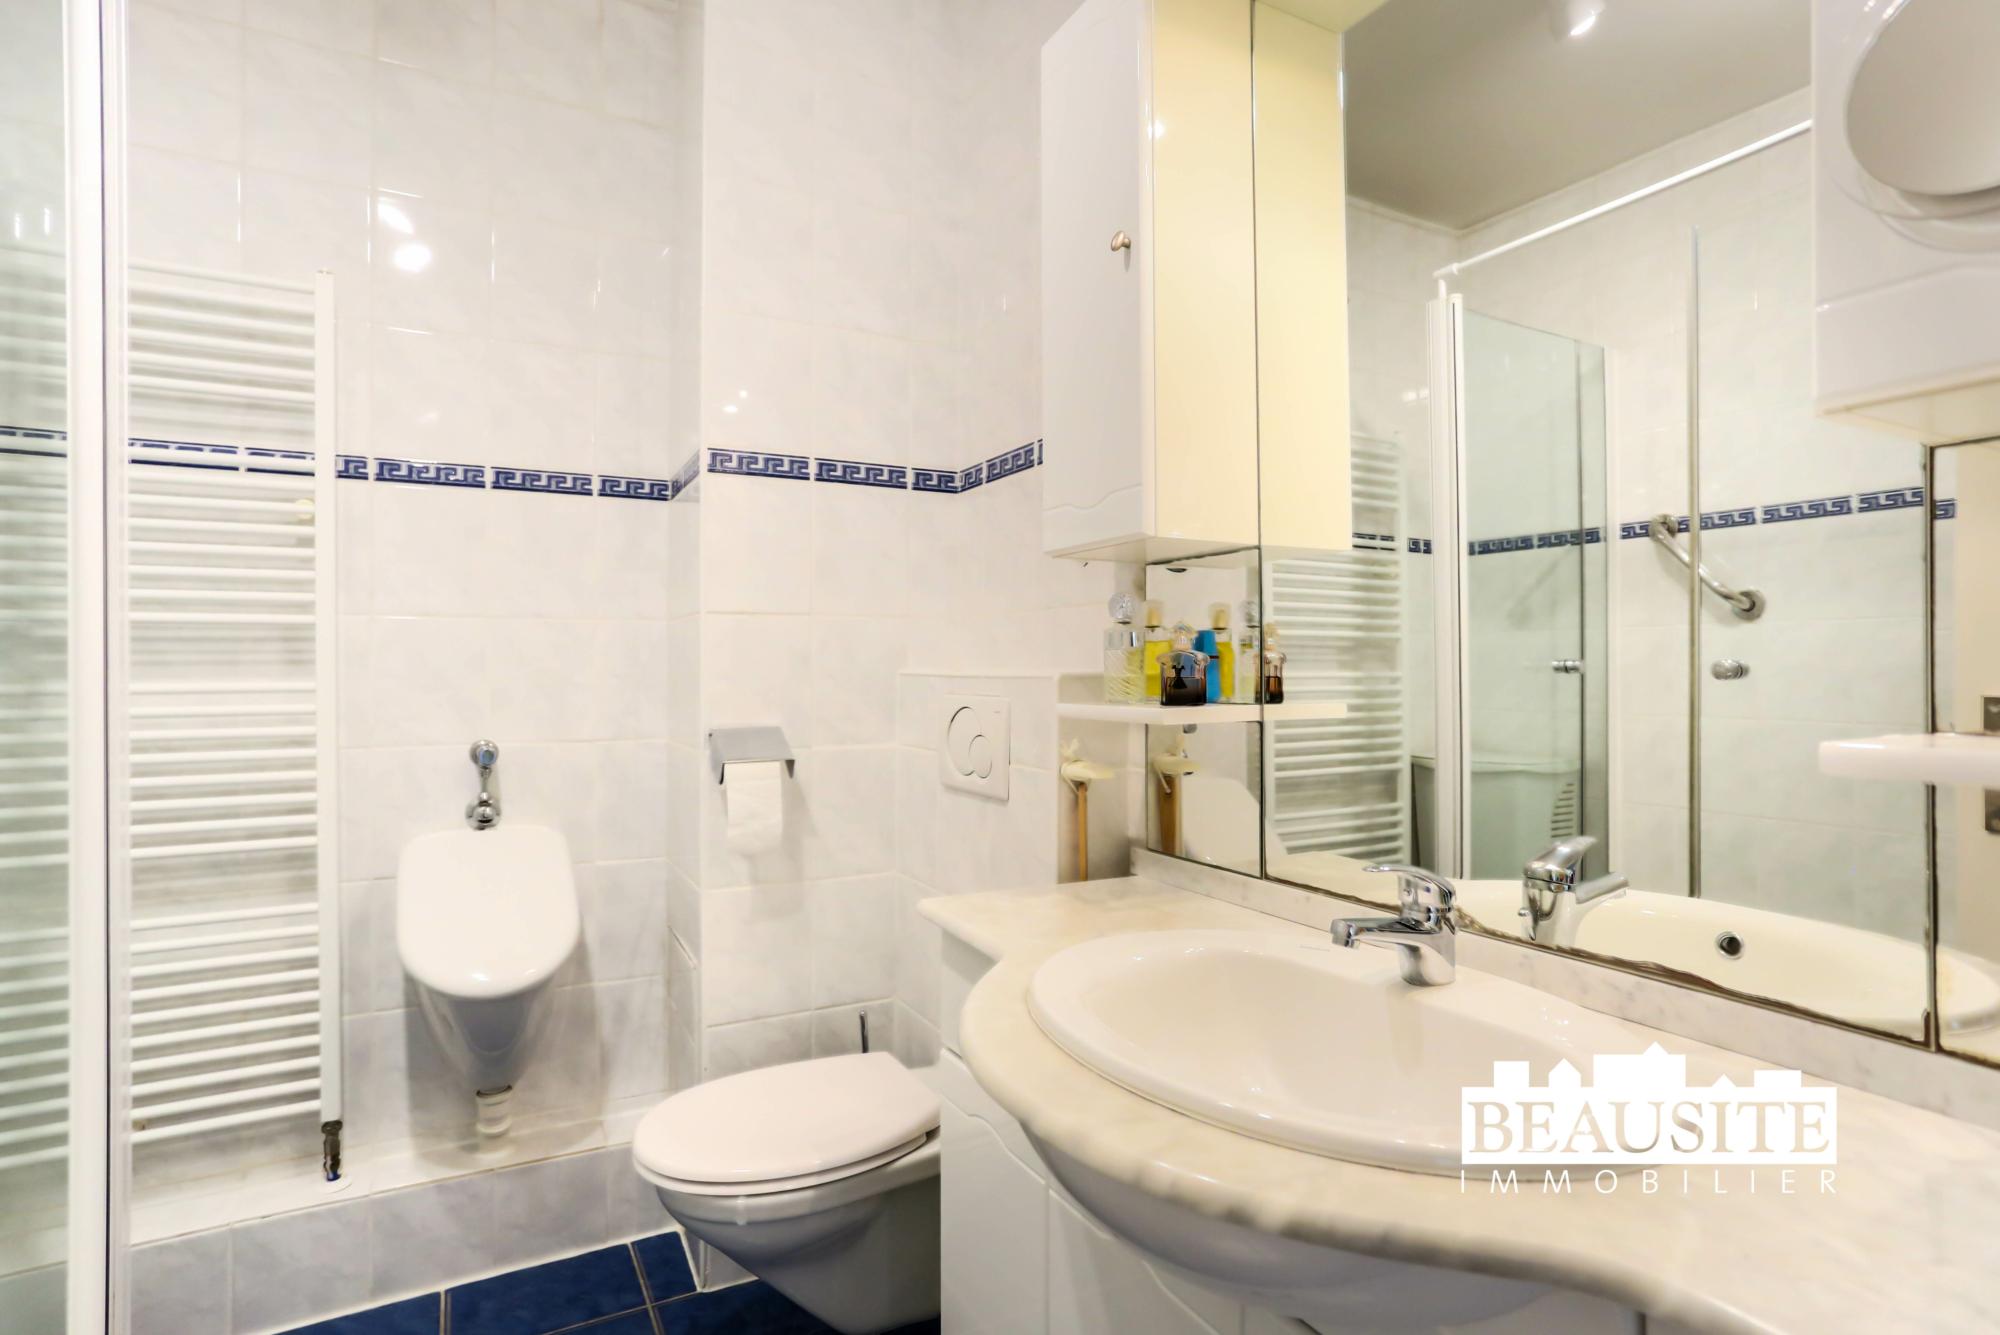 [Zénith] Spacieux 2 pièces au dernier étage - Neudorf / près de l'Avenue Jean Jaurès - nos ventes - Beausite Immobilier 8